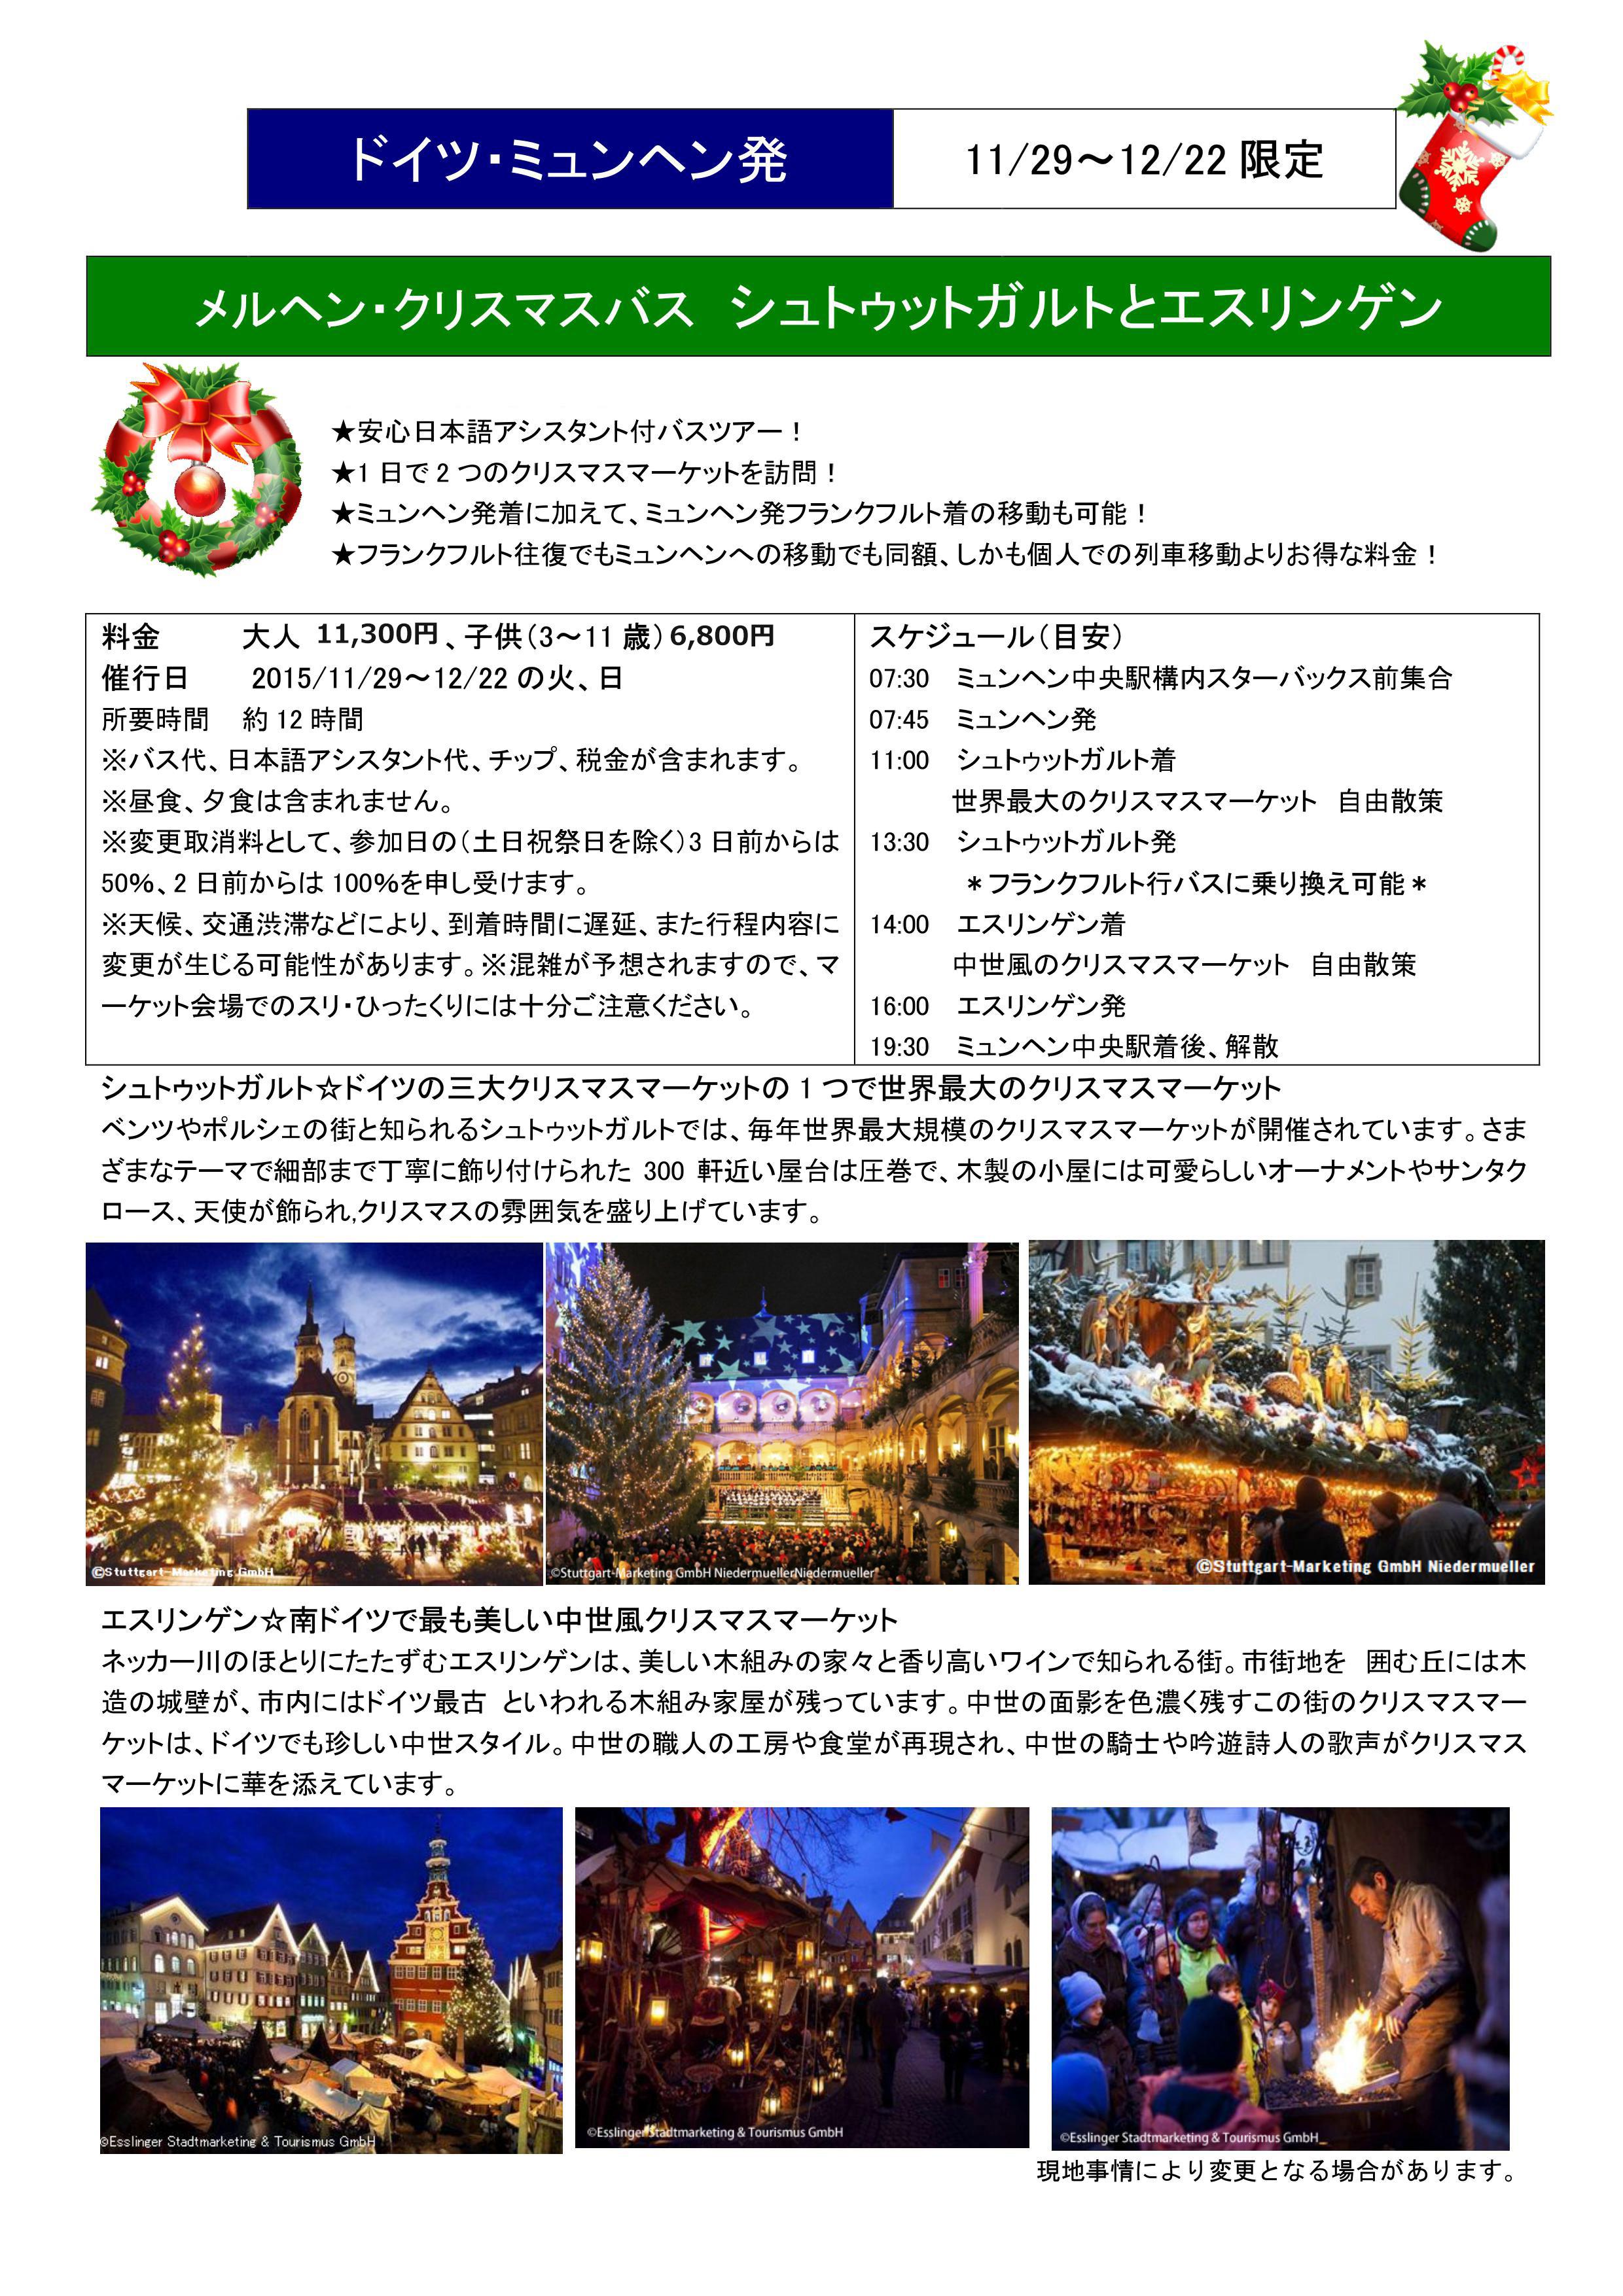 ミュンヘン発クリスマスバスオプショナルツアー(日本申込) | 海外旅行